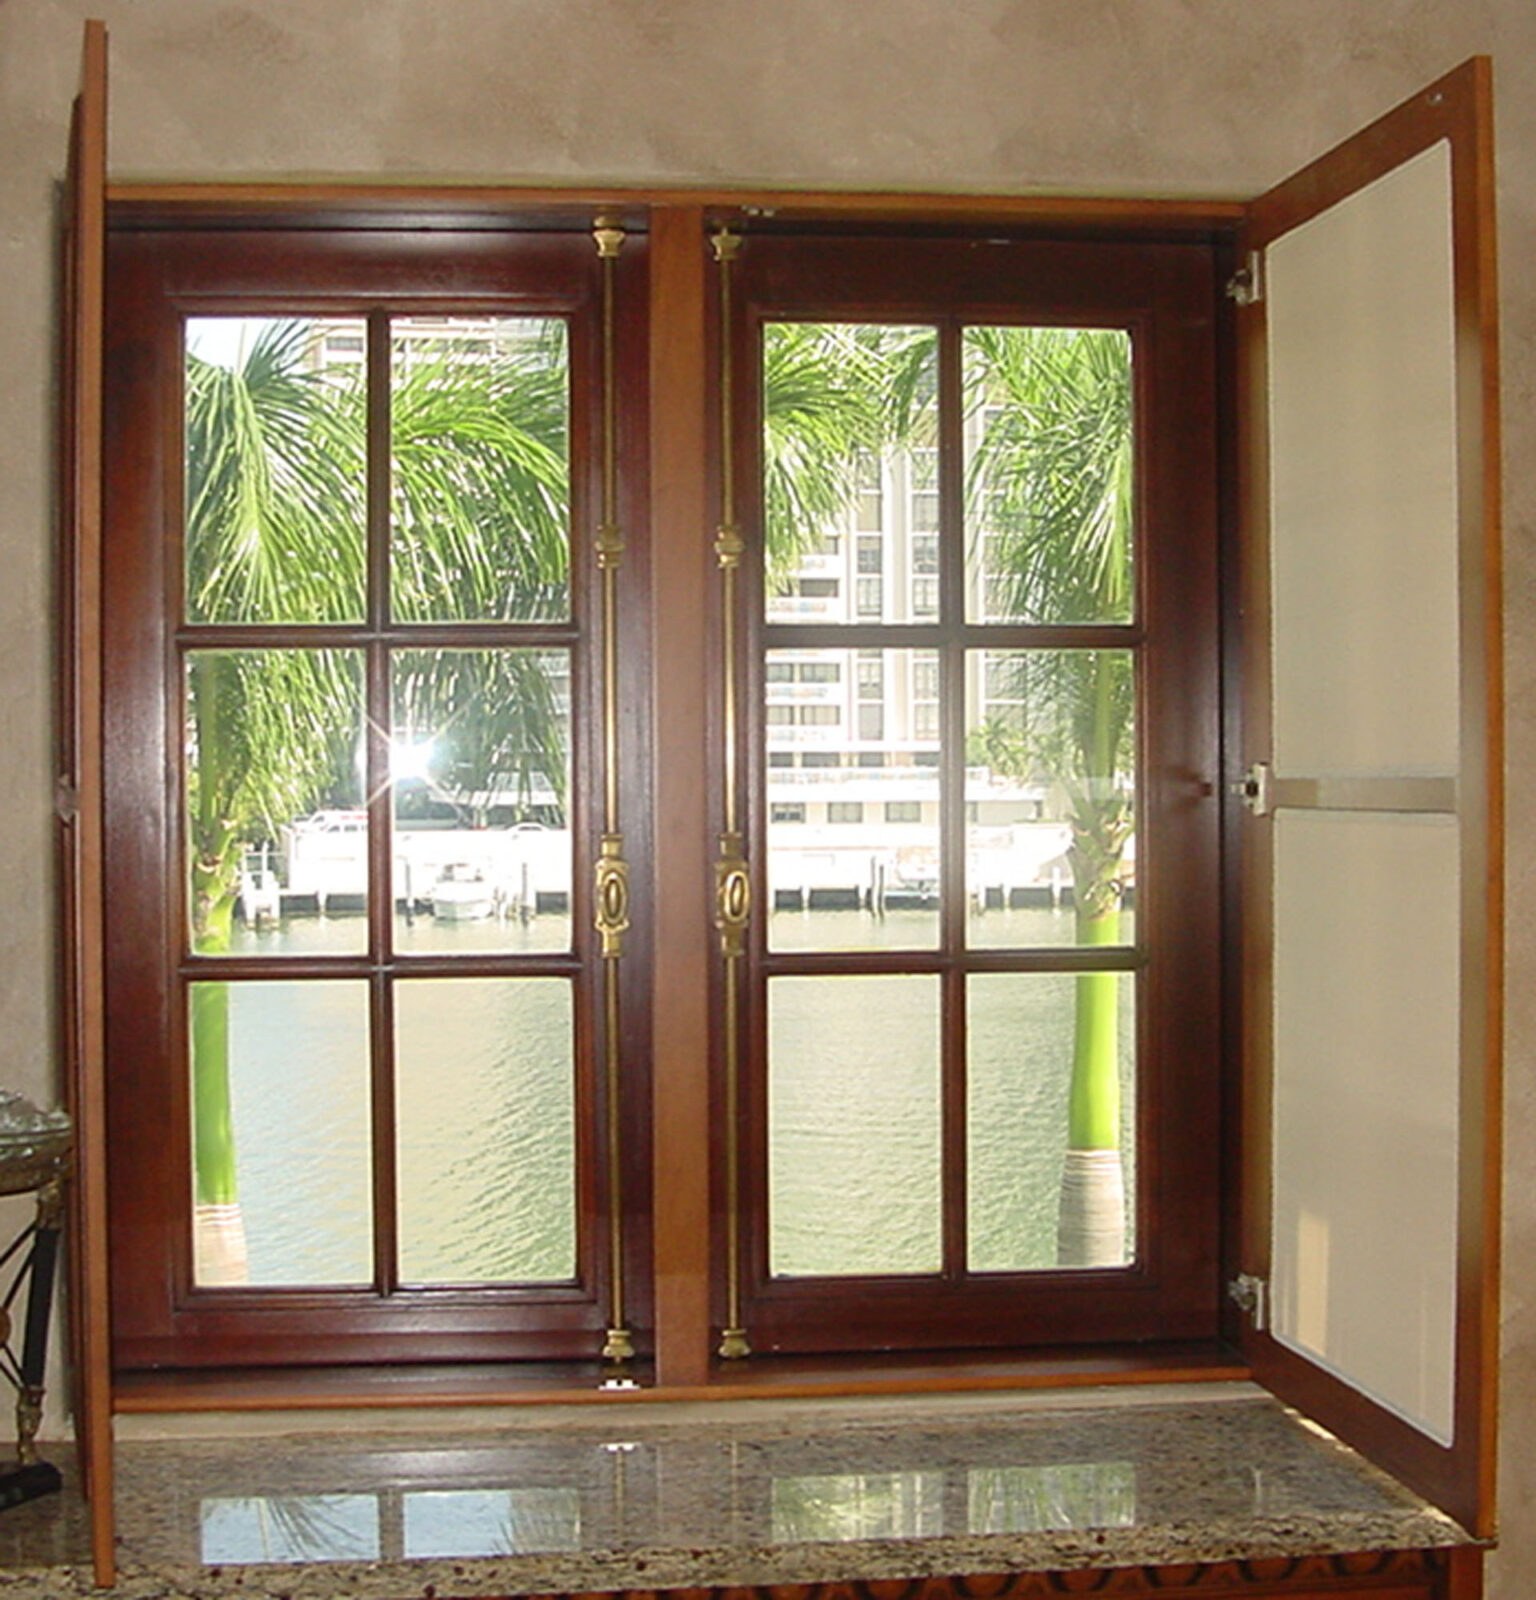 PINE BAY MAHOGANY WINDOW.